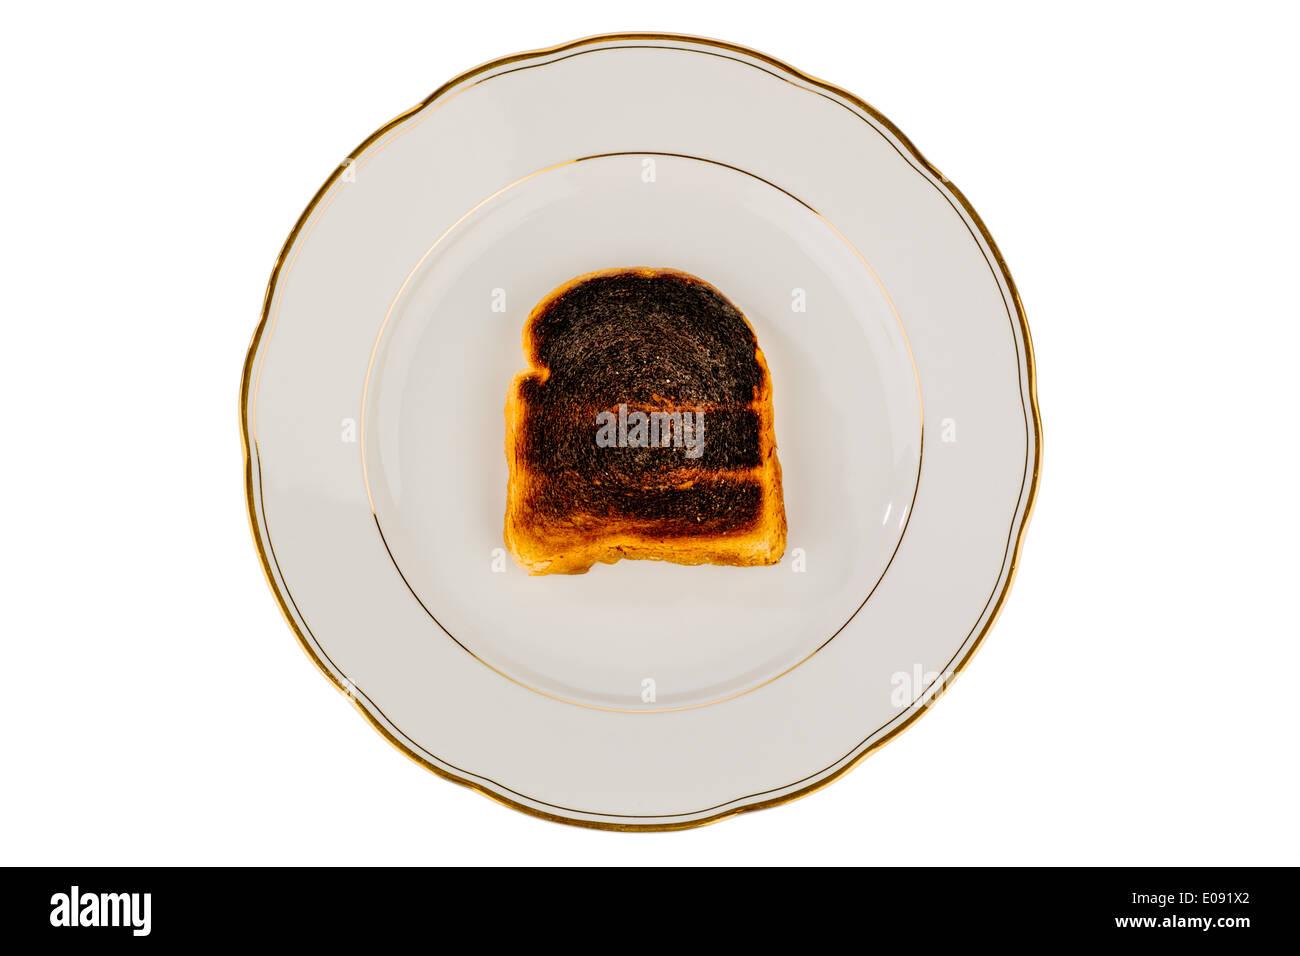 Griller le pain est devenu un toast avec burntly. Burntly avec disques toast le petit-déjeuner., toasten Toastbrot wurde beim verbrannt. Banque D'Images